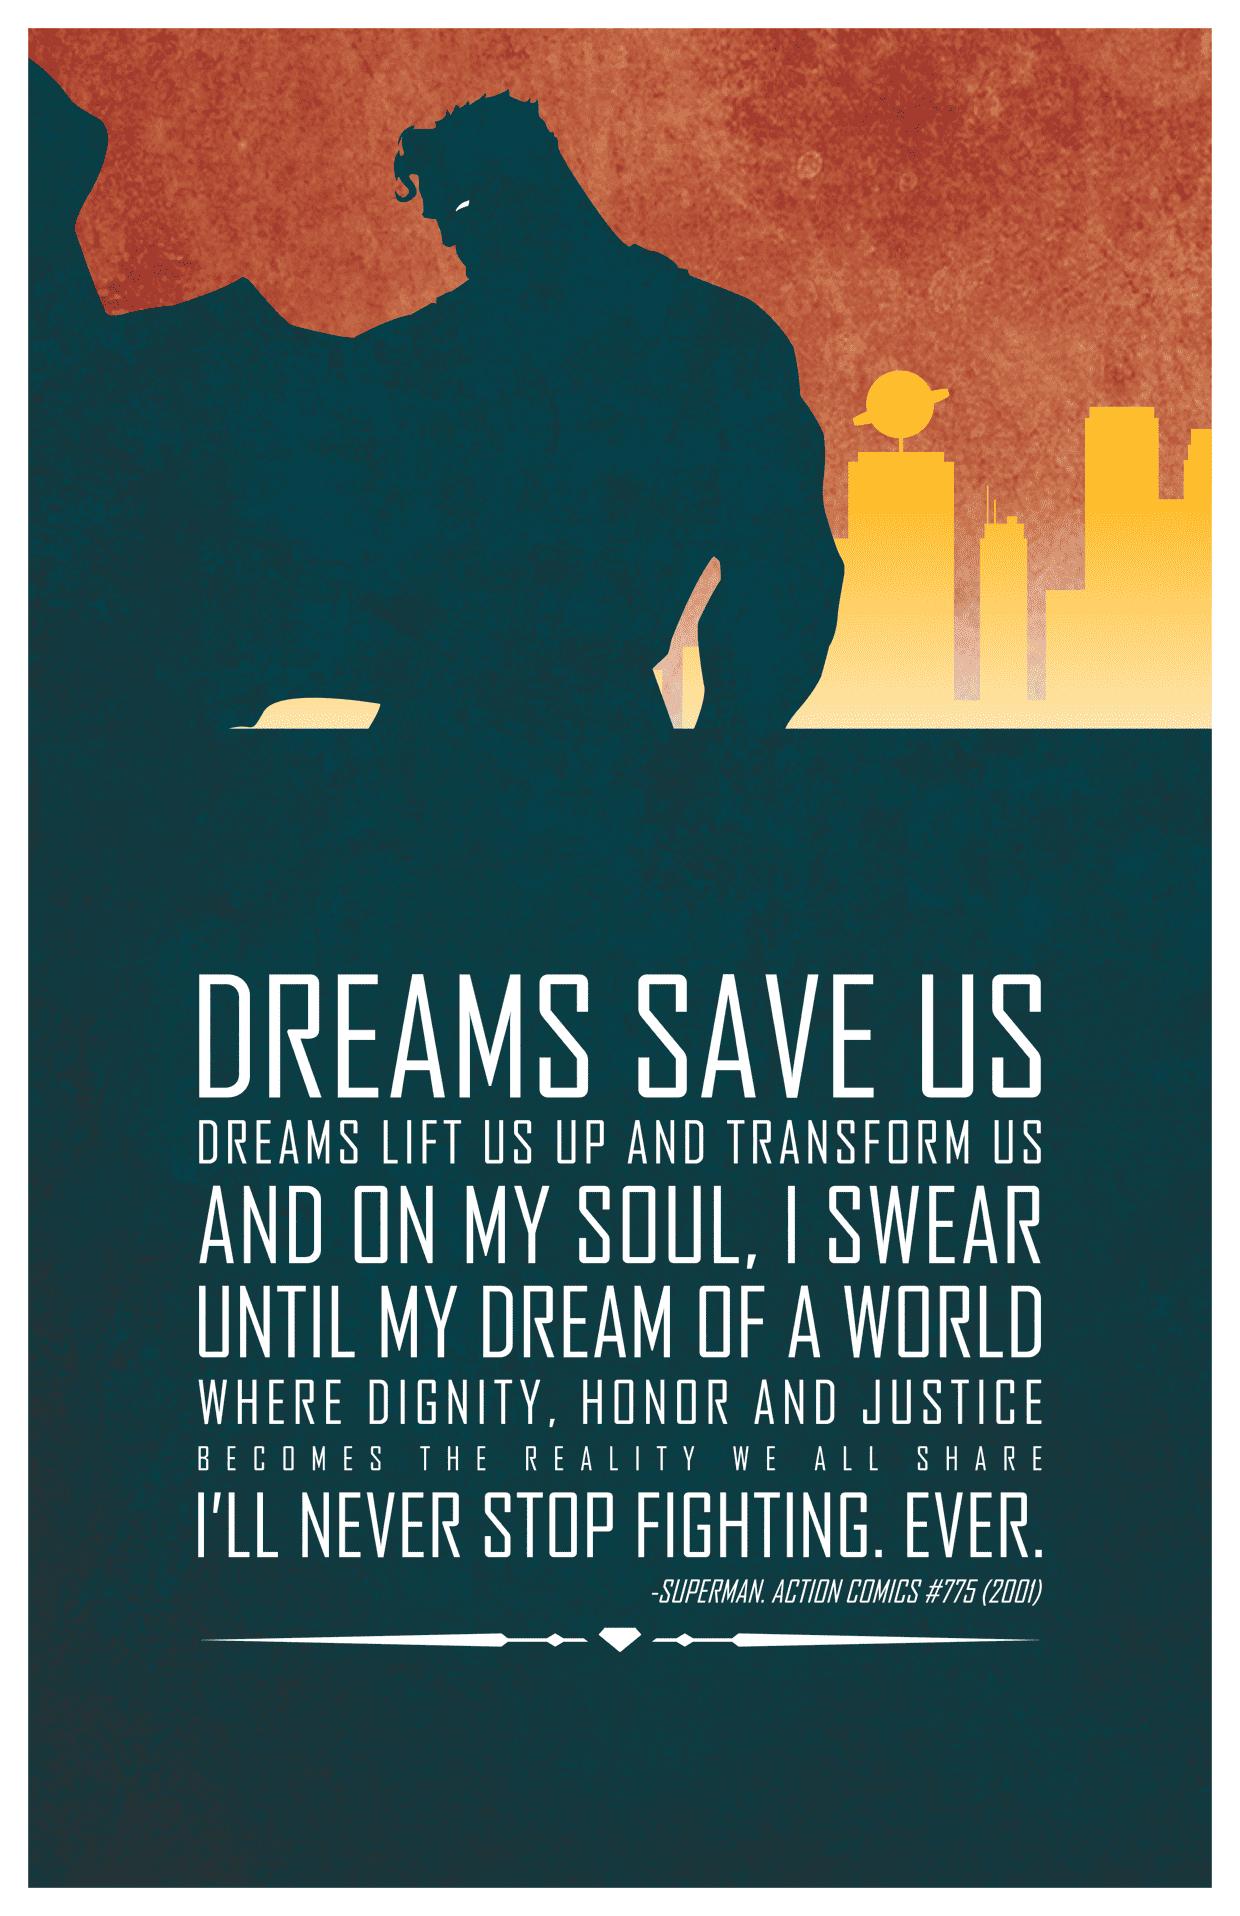 batman quotes 5